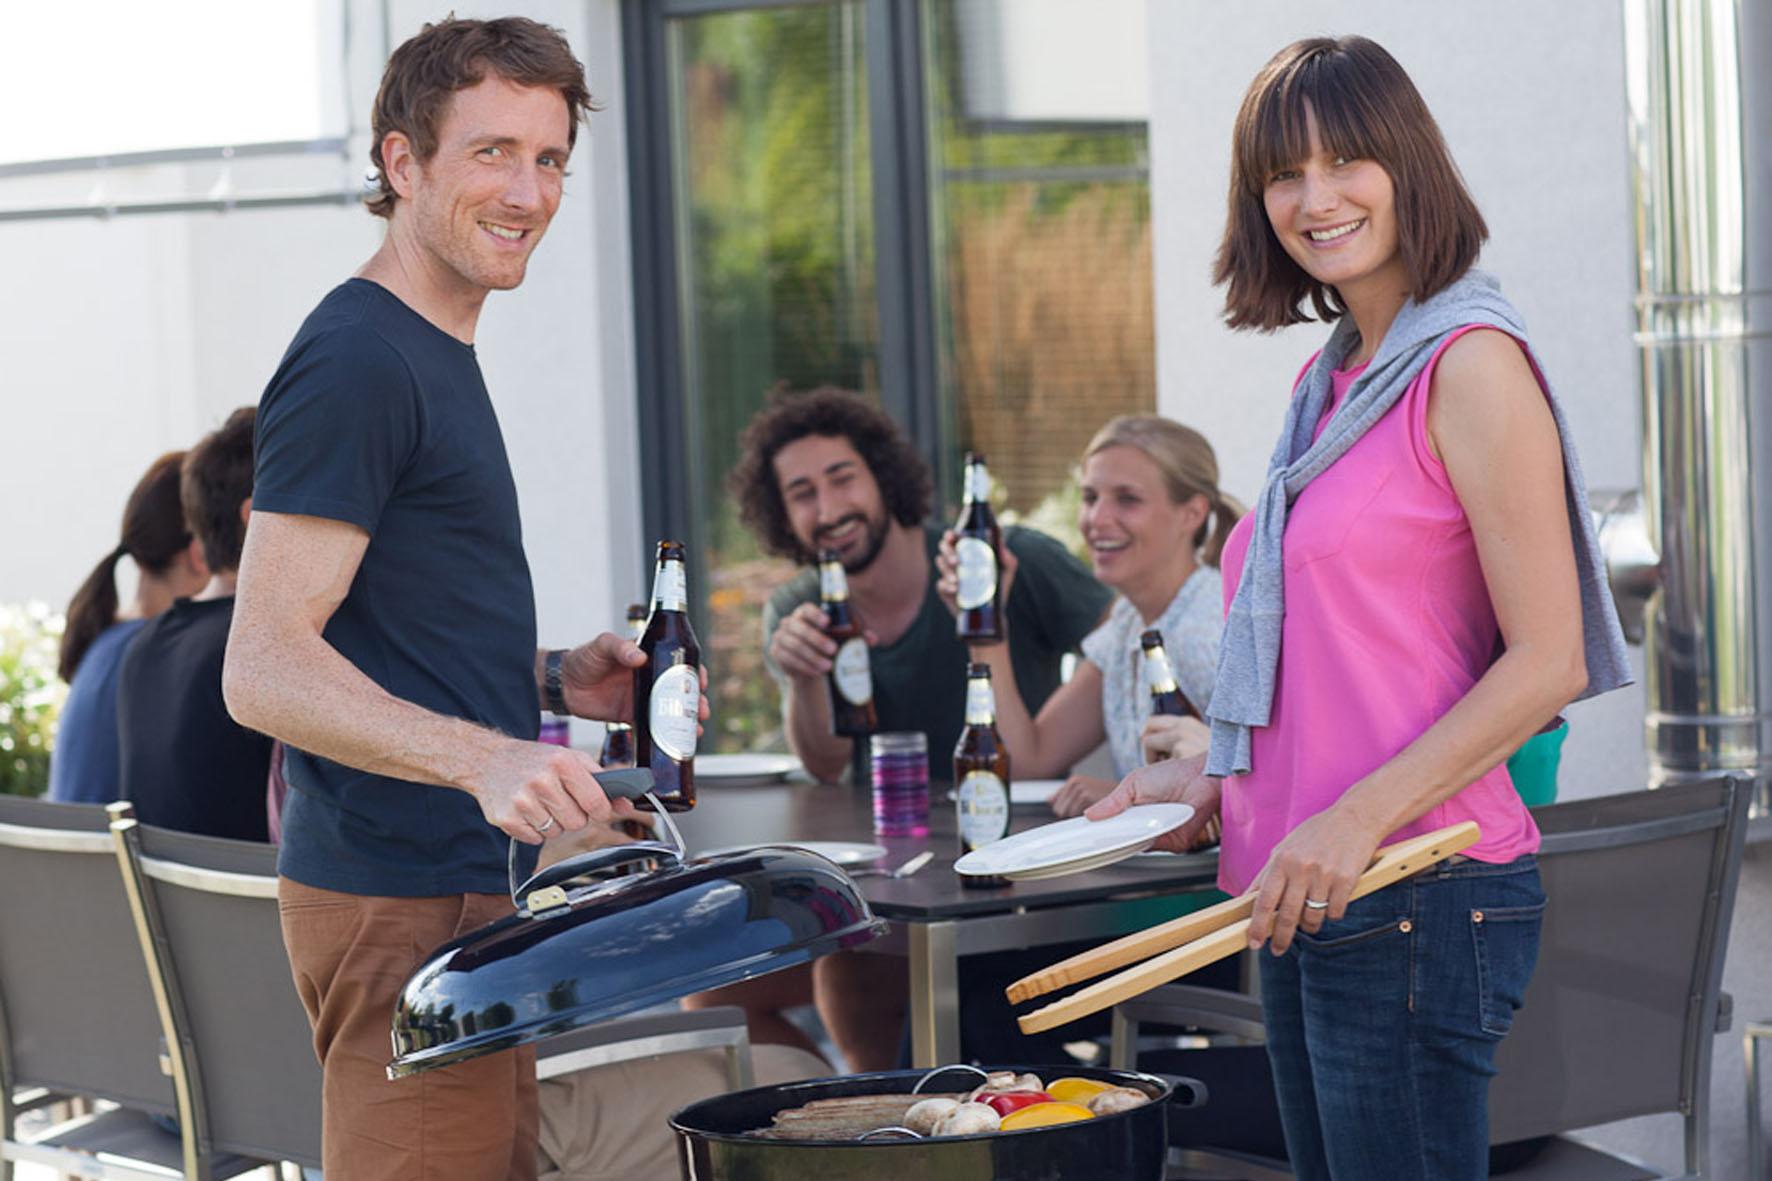 Sommerzeit ist Partyzeit - zu Herzhaftem vom Grill schmeckt ein gut gekühltes Pils besonders gut.